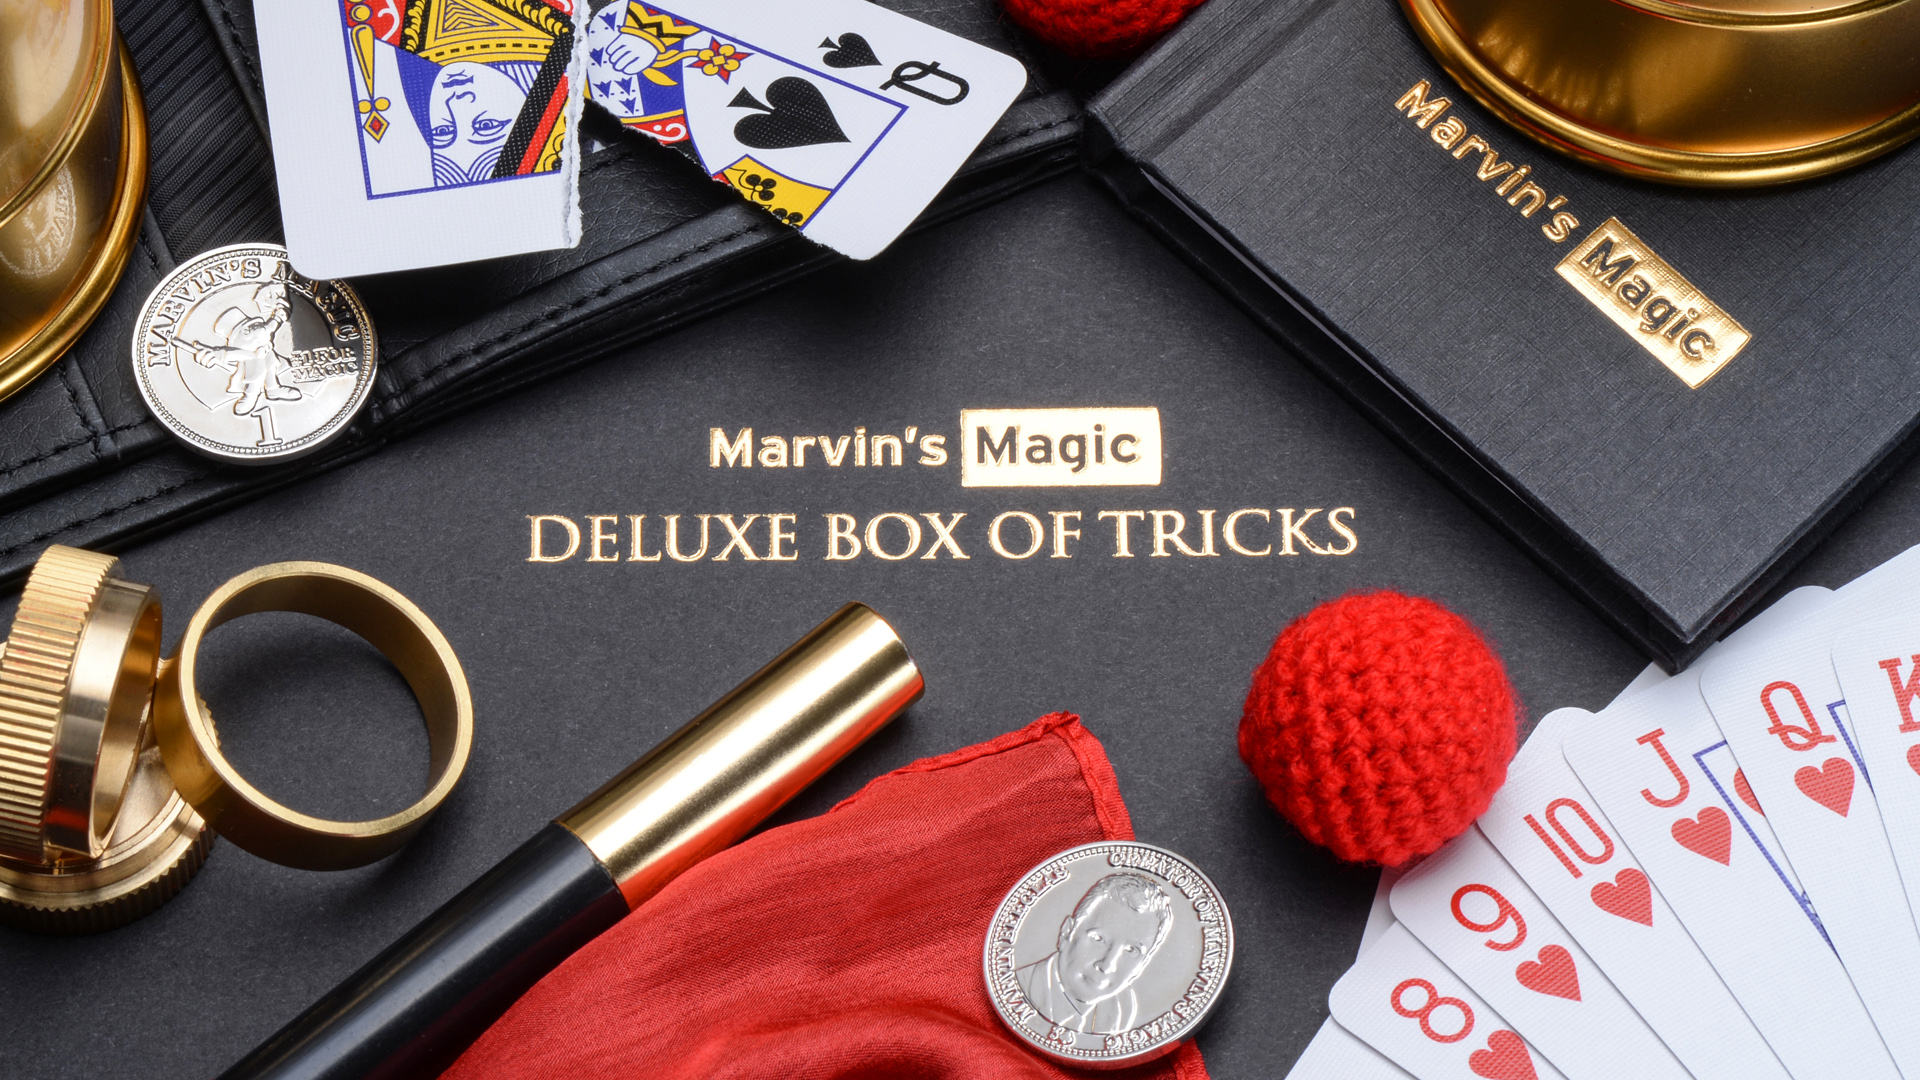 76abbc9b2 Marvin's Magic Deluxe Box of Tricks Trailer - Hey Presto